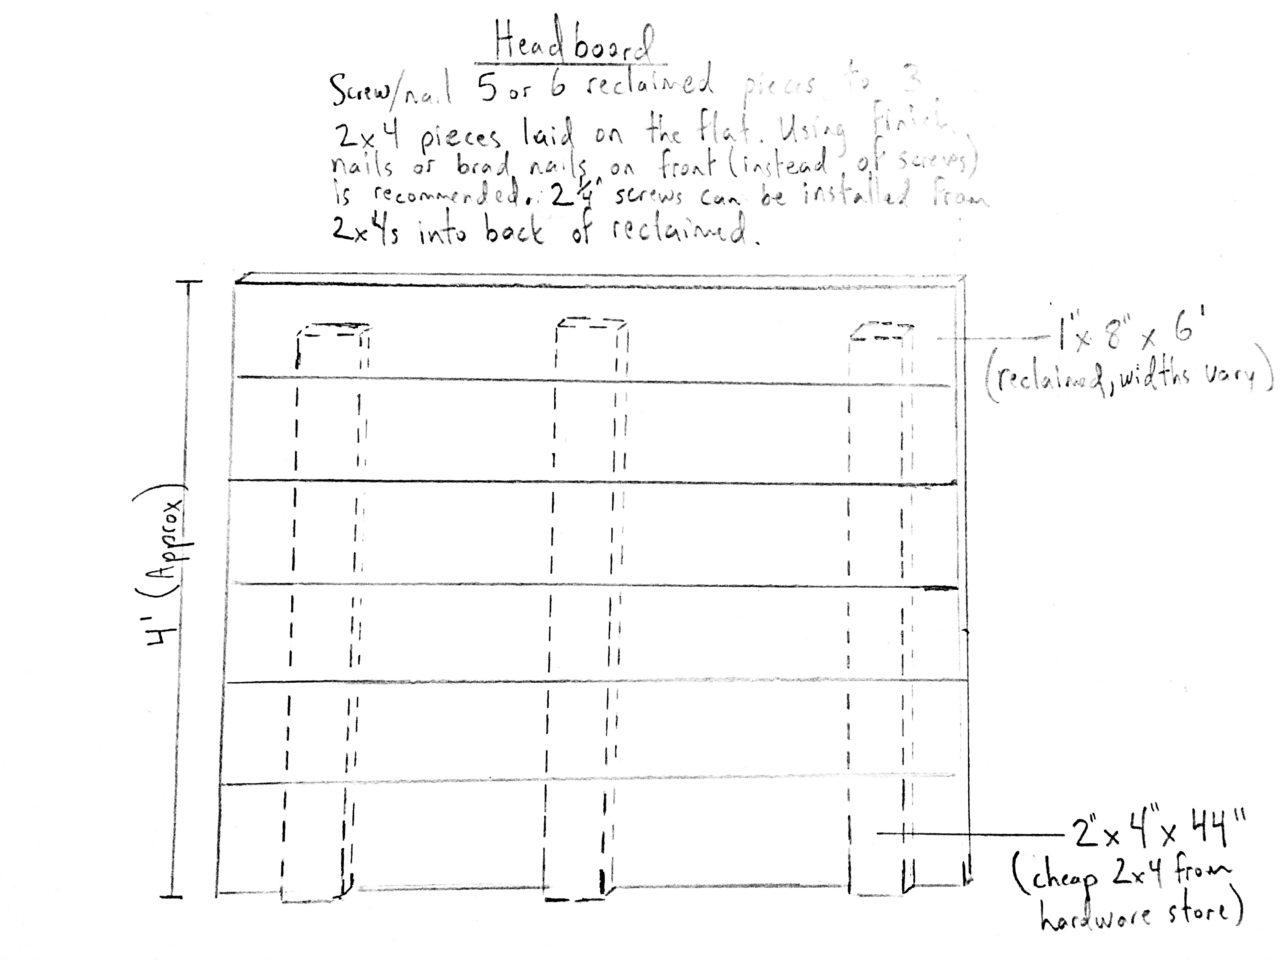 headboard_woodbed